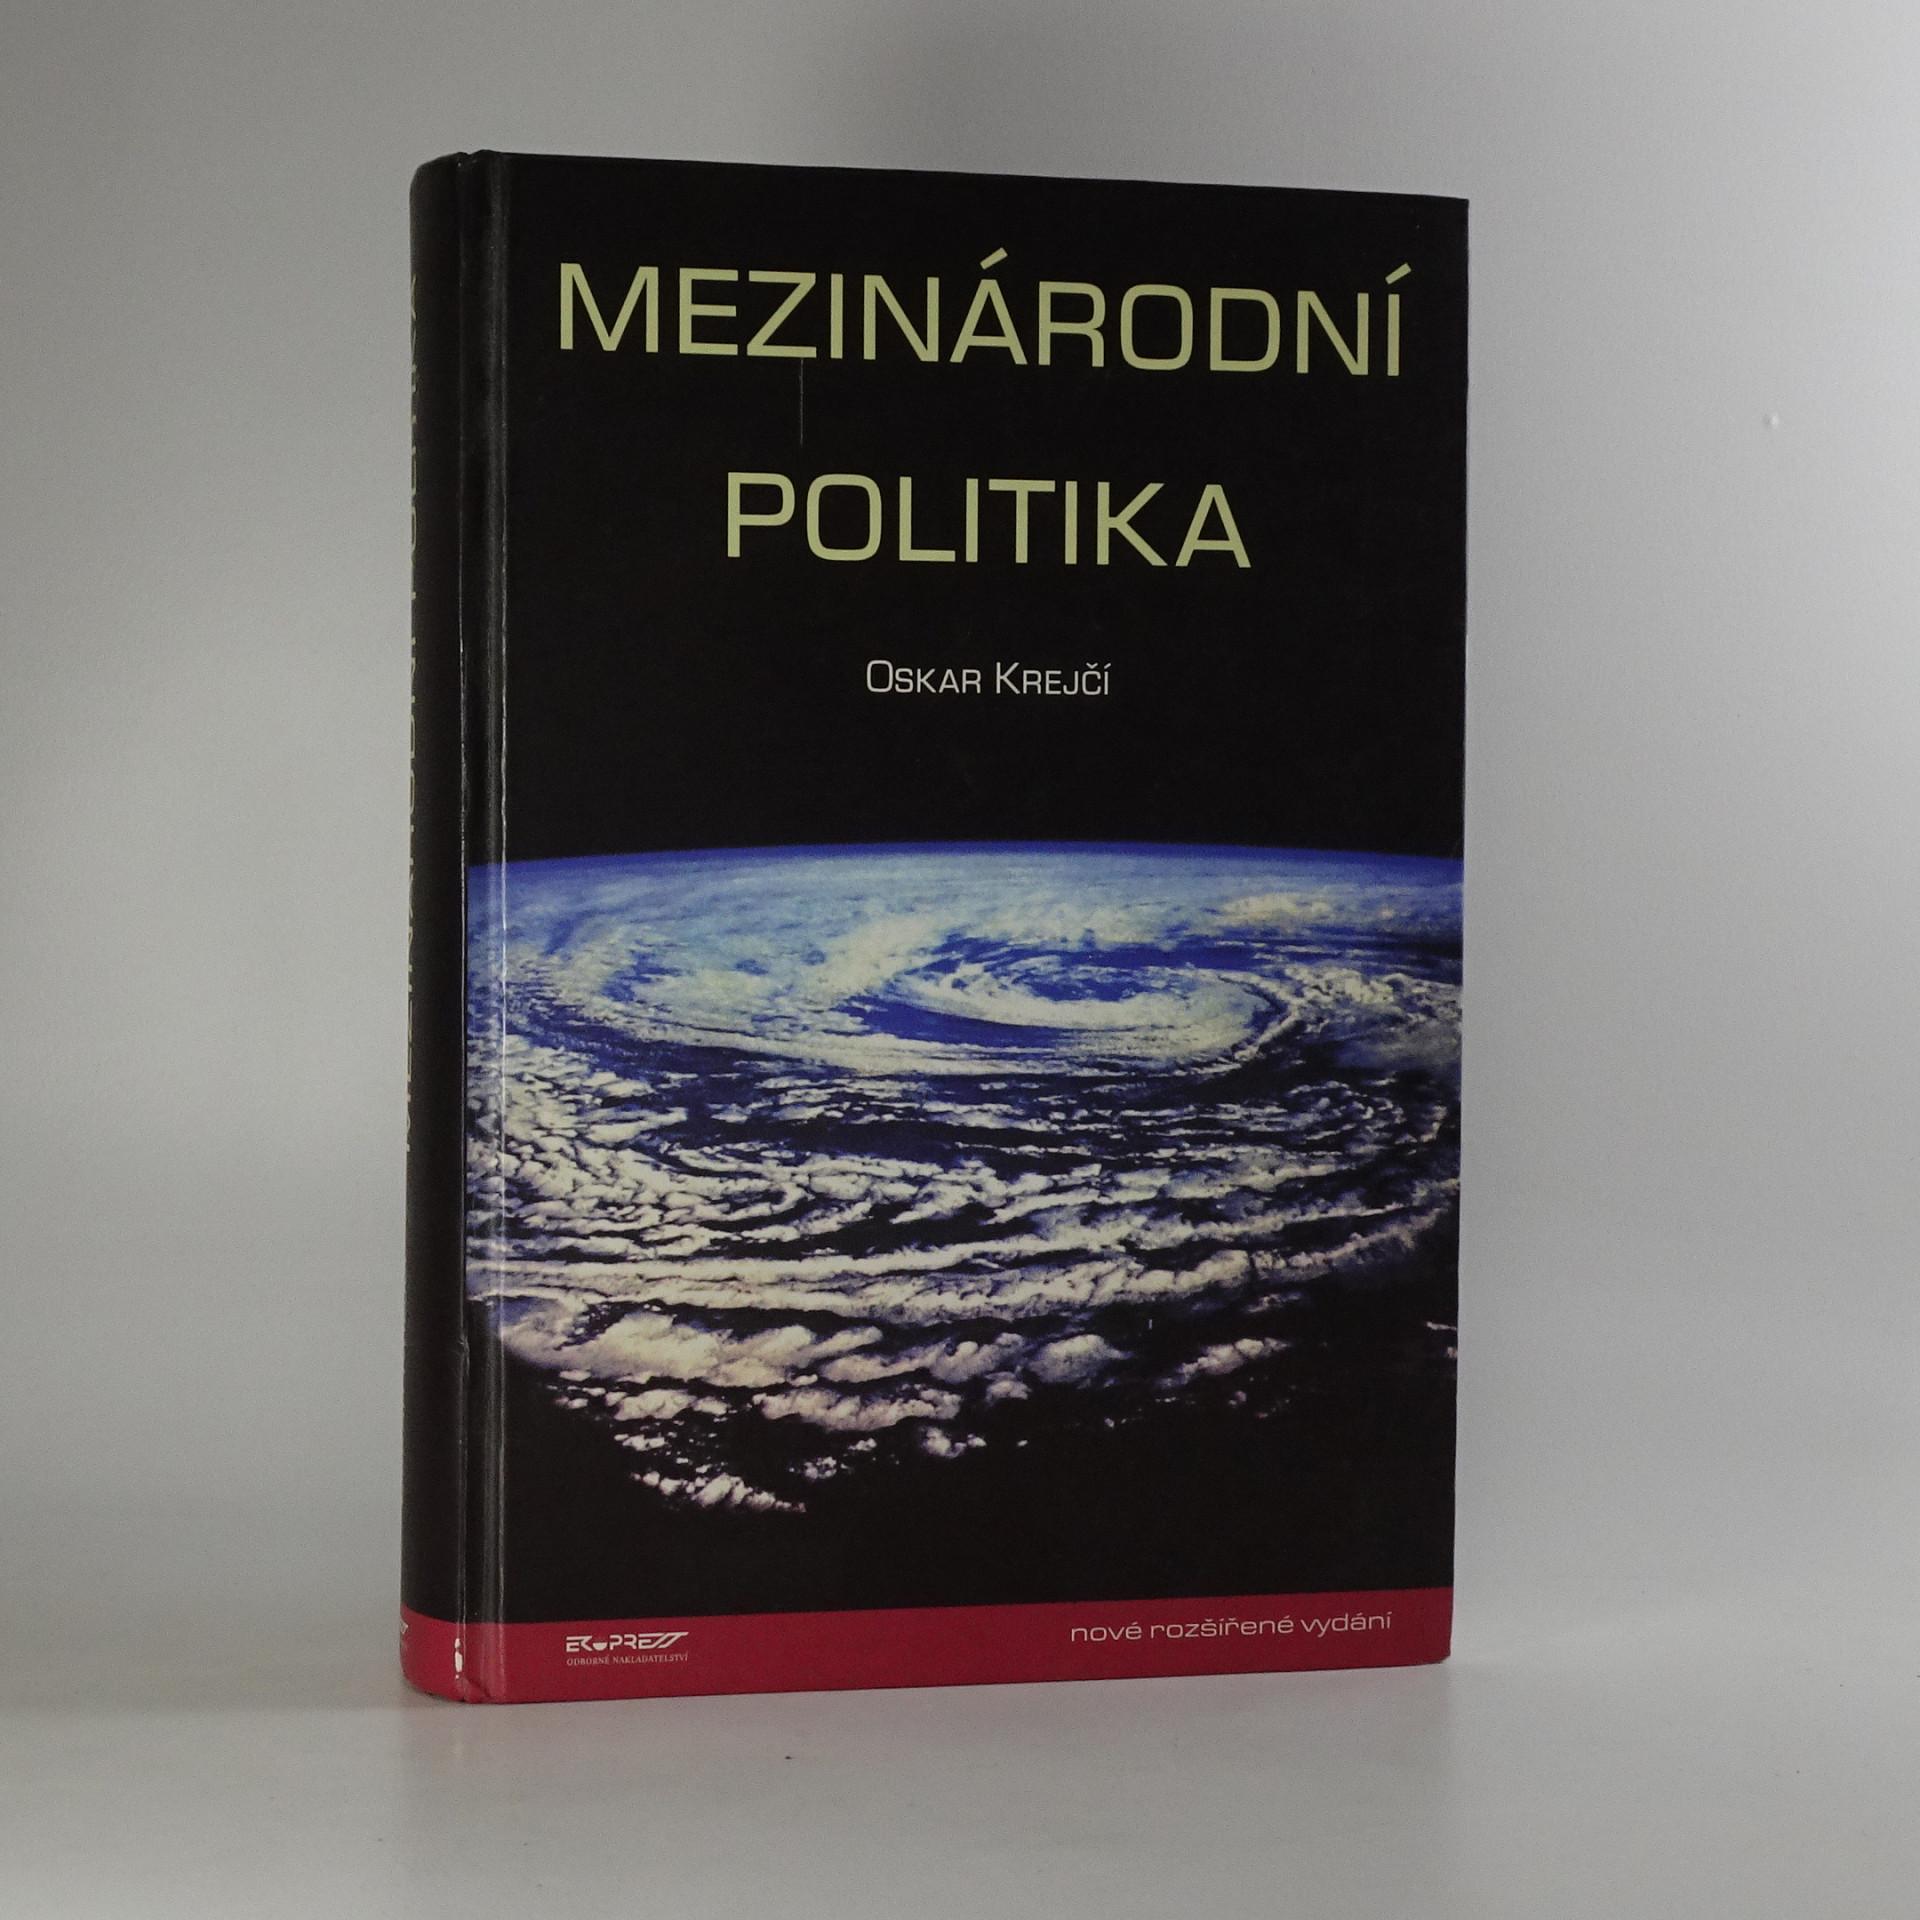 antikvární kniha Mezinárodní politika, 2001